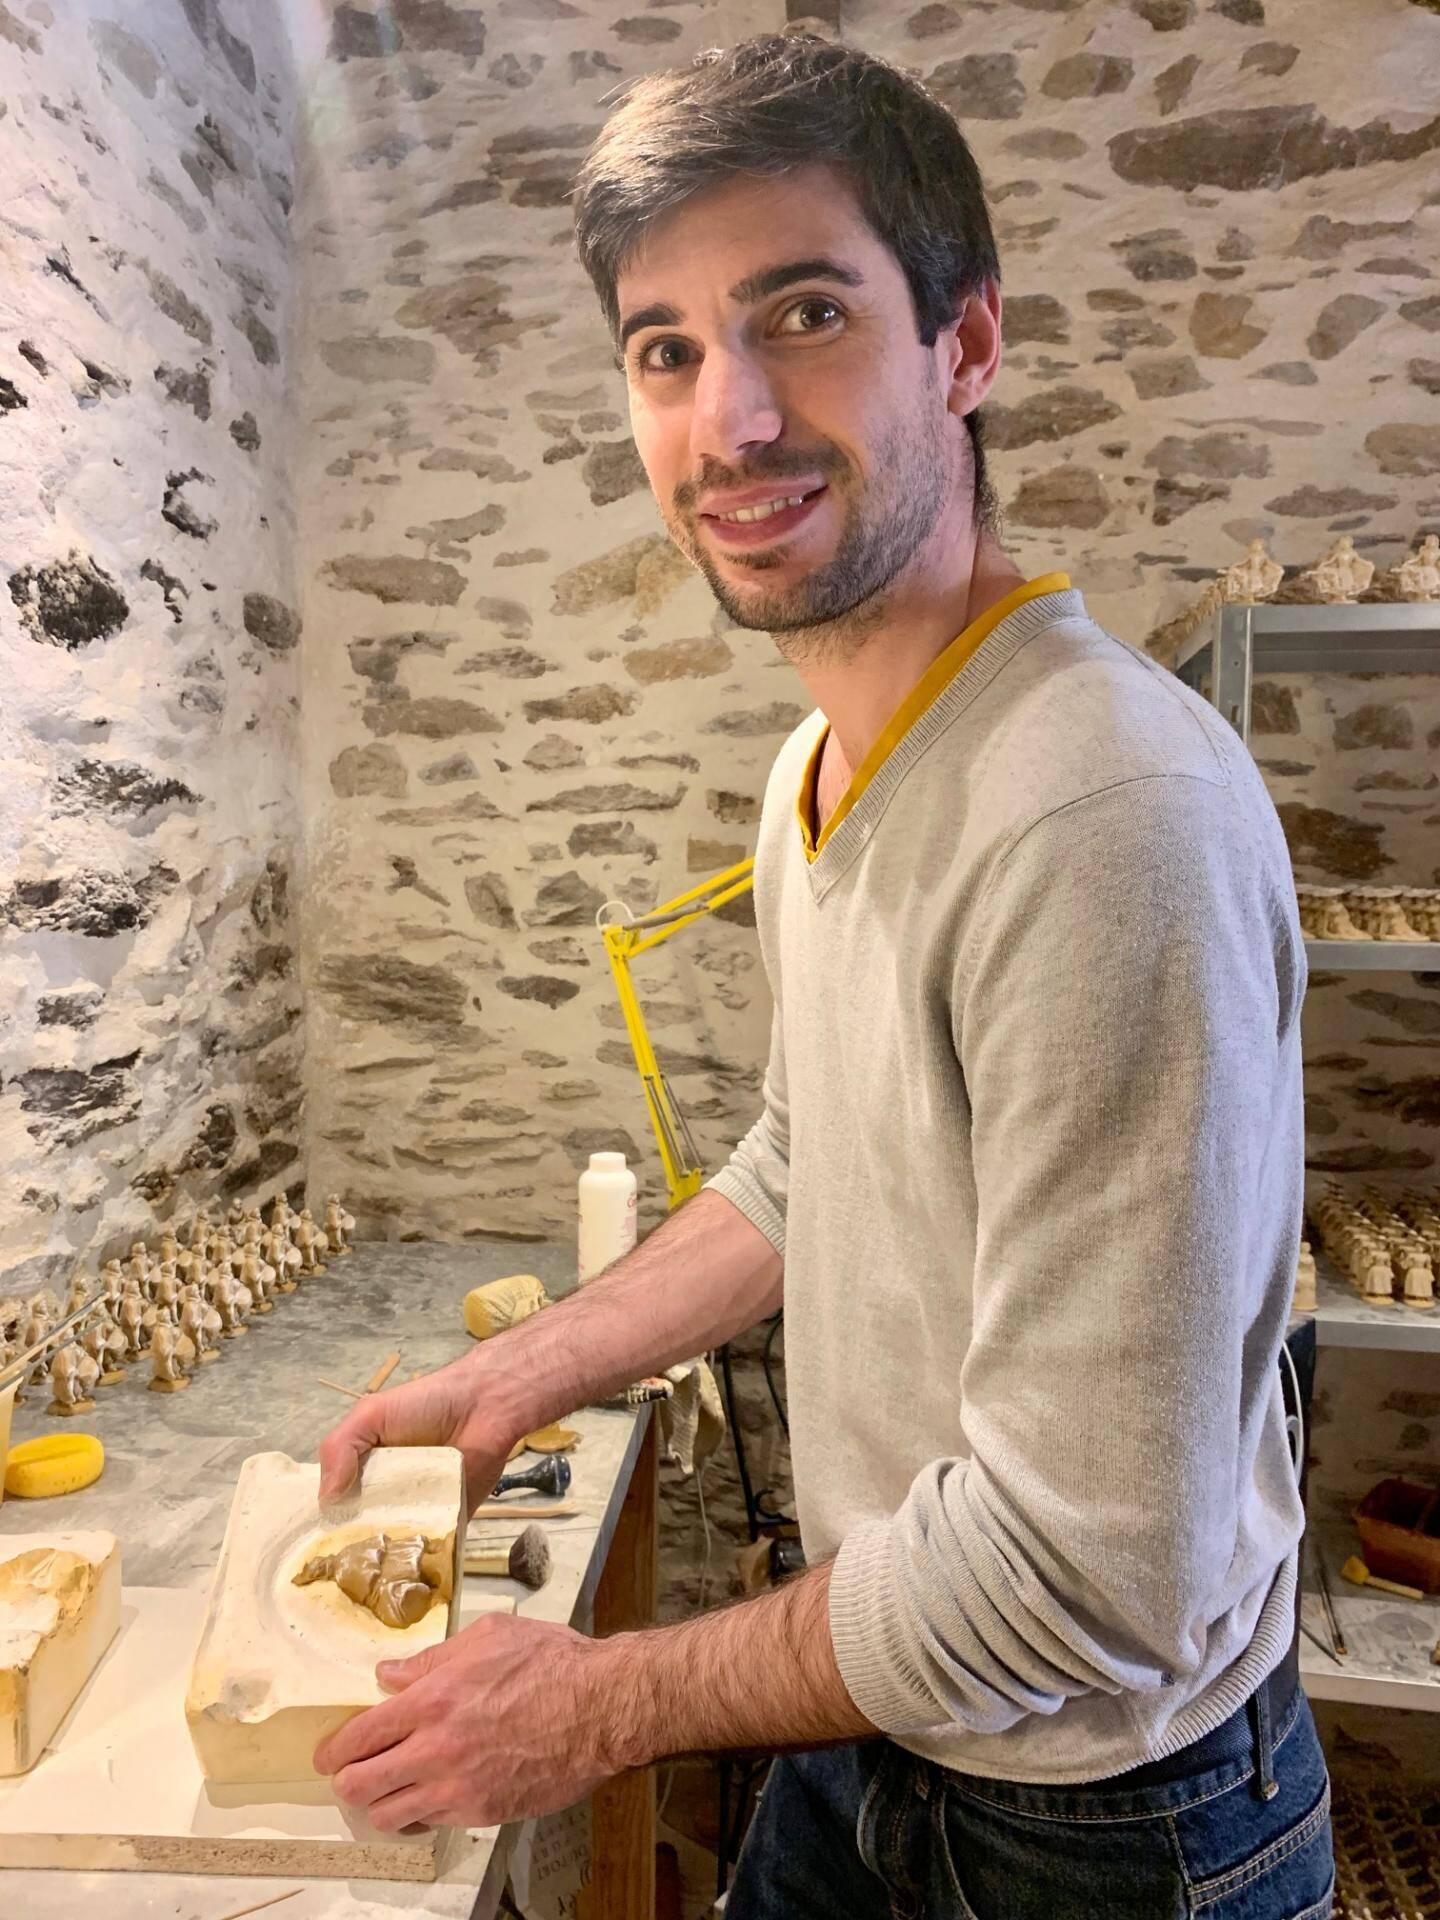 Une fois l'argile compactée et moulée, Maxime Codou s'apprête à sortir sa dernière pièce.